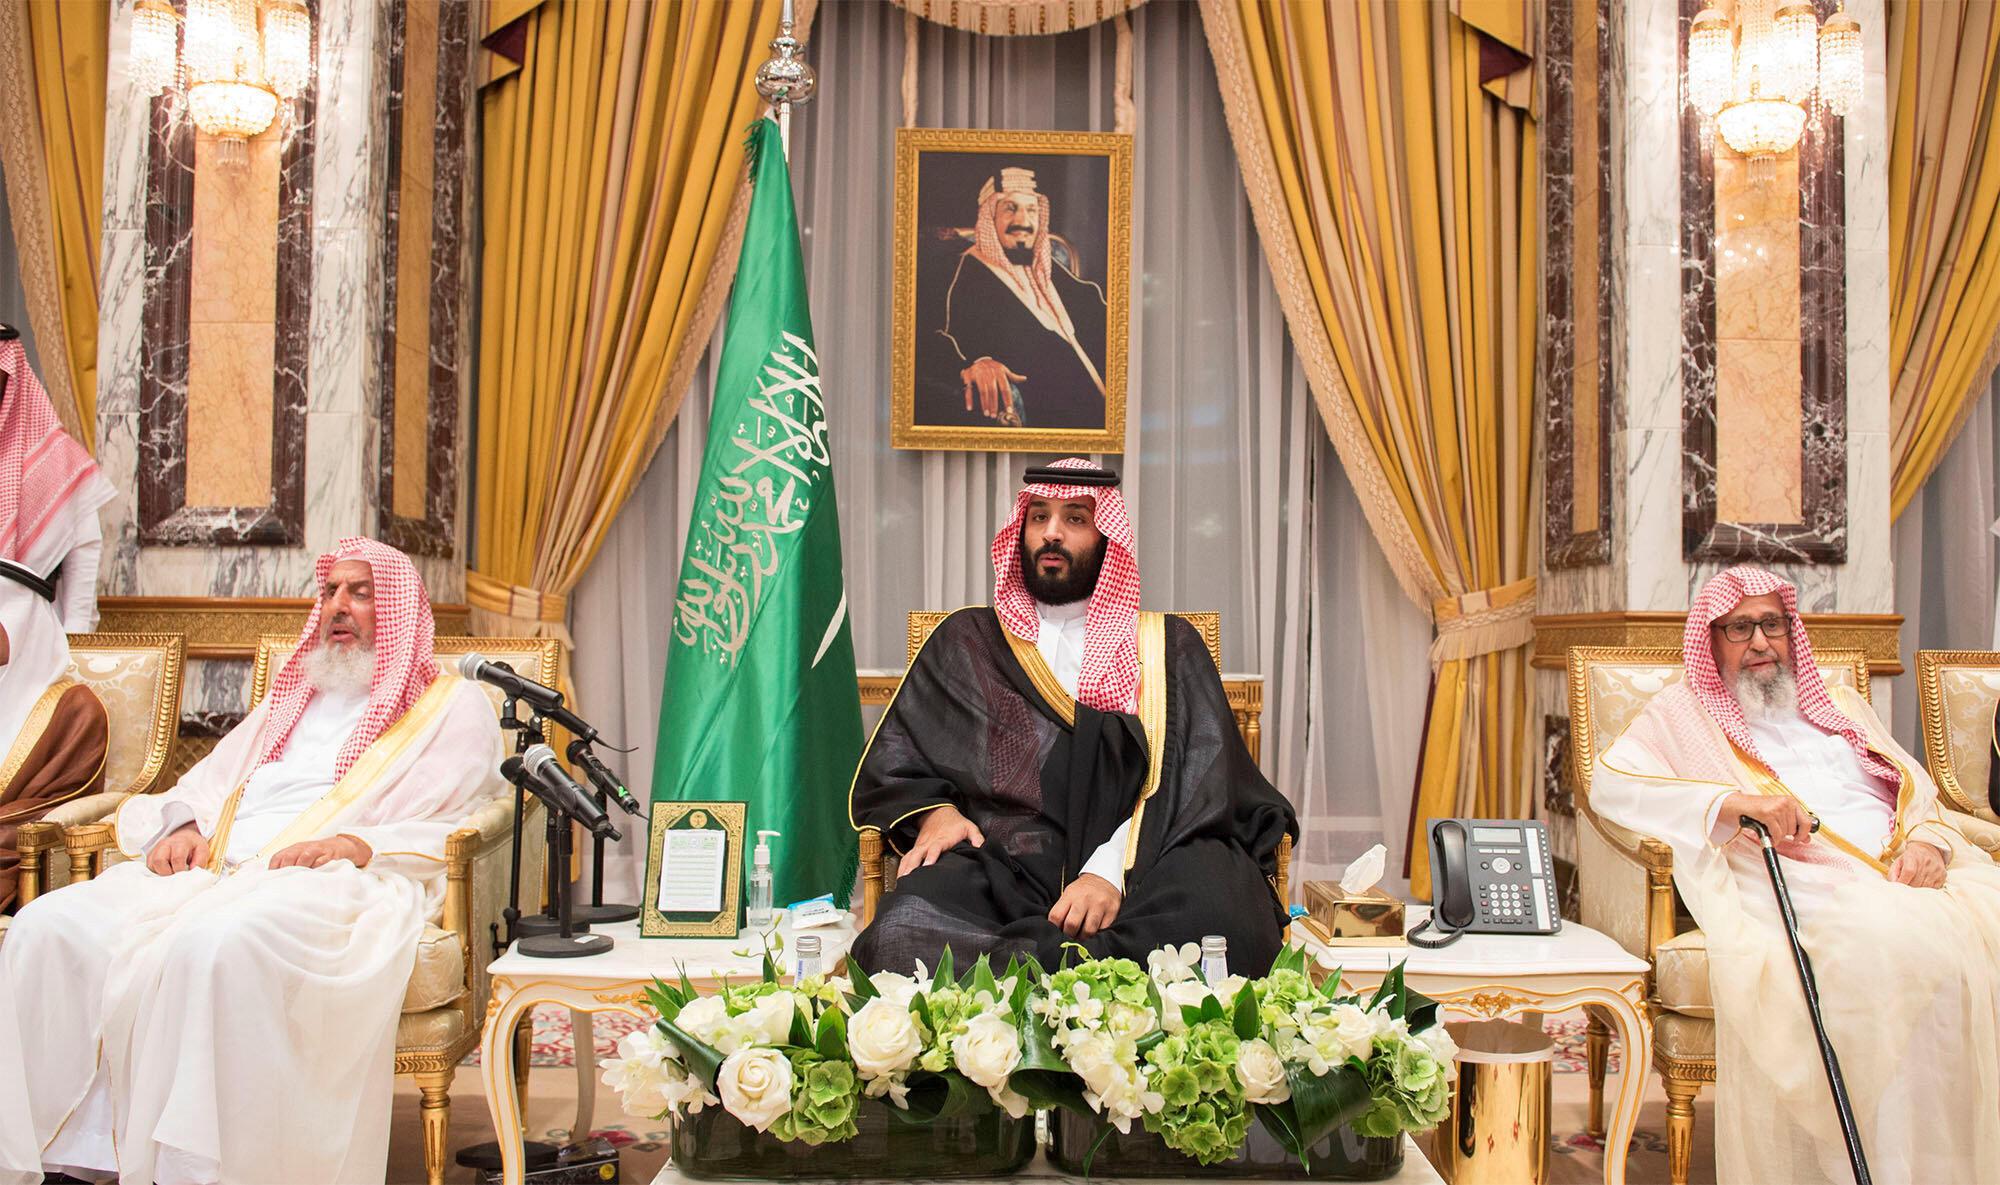 Le prince héritier Mohammed ben Salman durant une cérémonie d'allégeance à La Mecque, le 21 juin 2017.